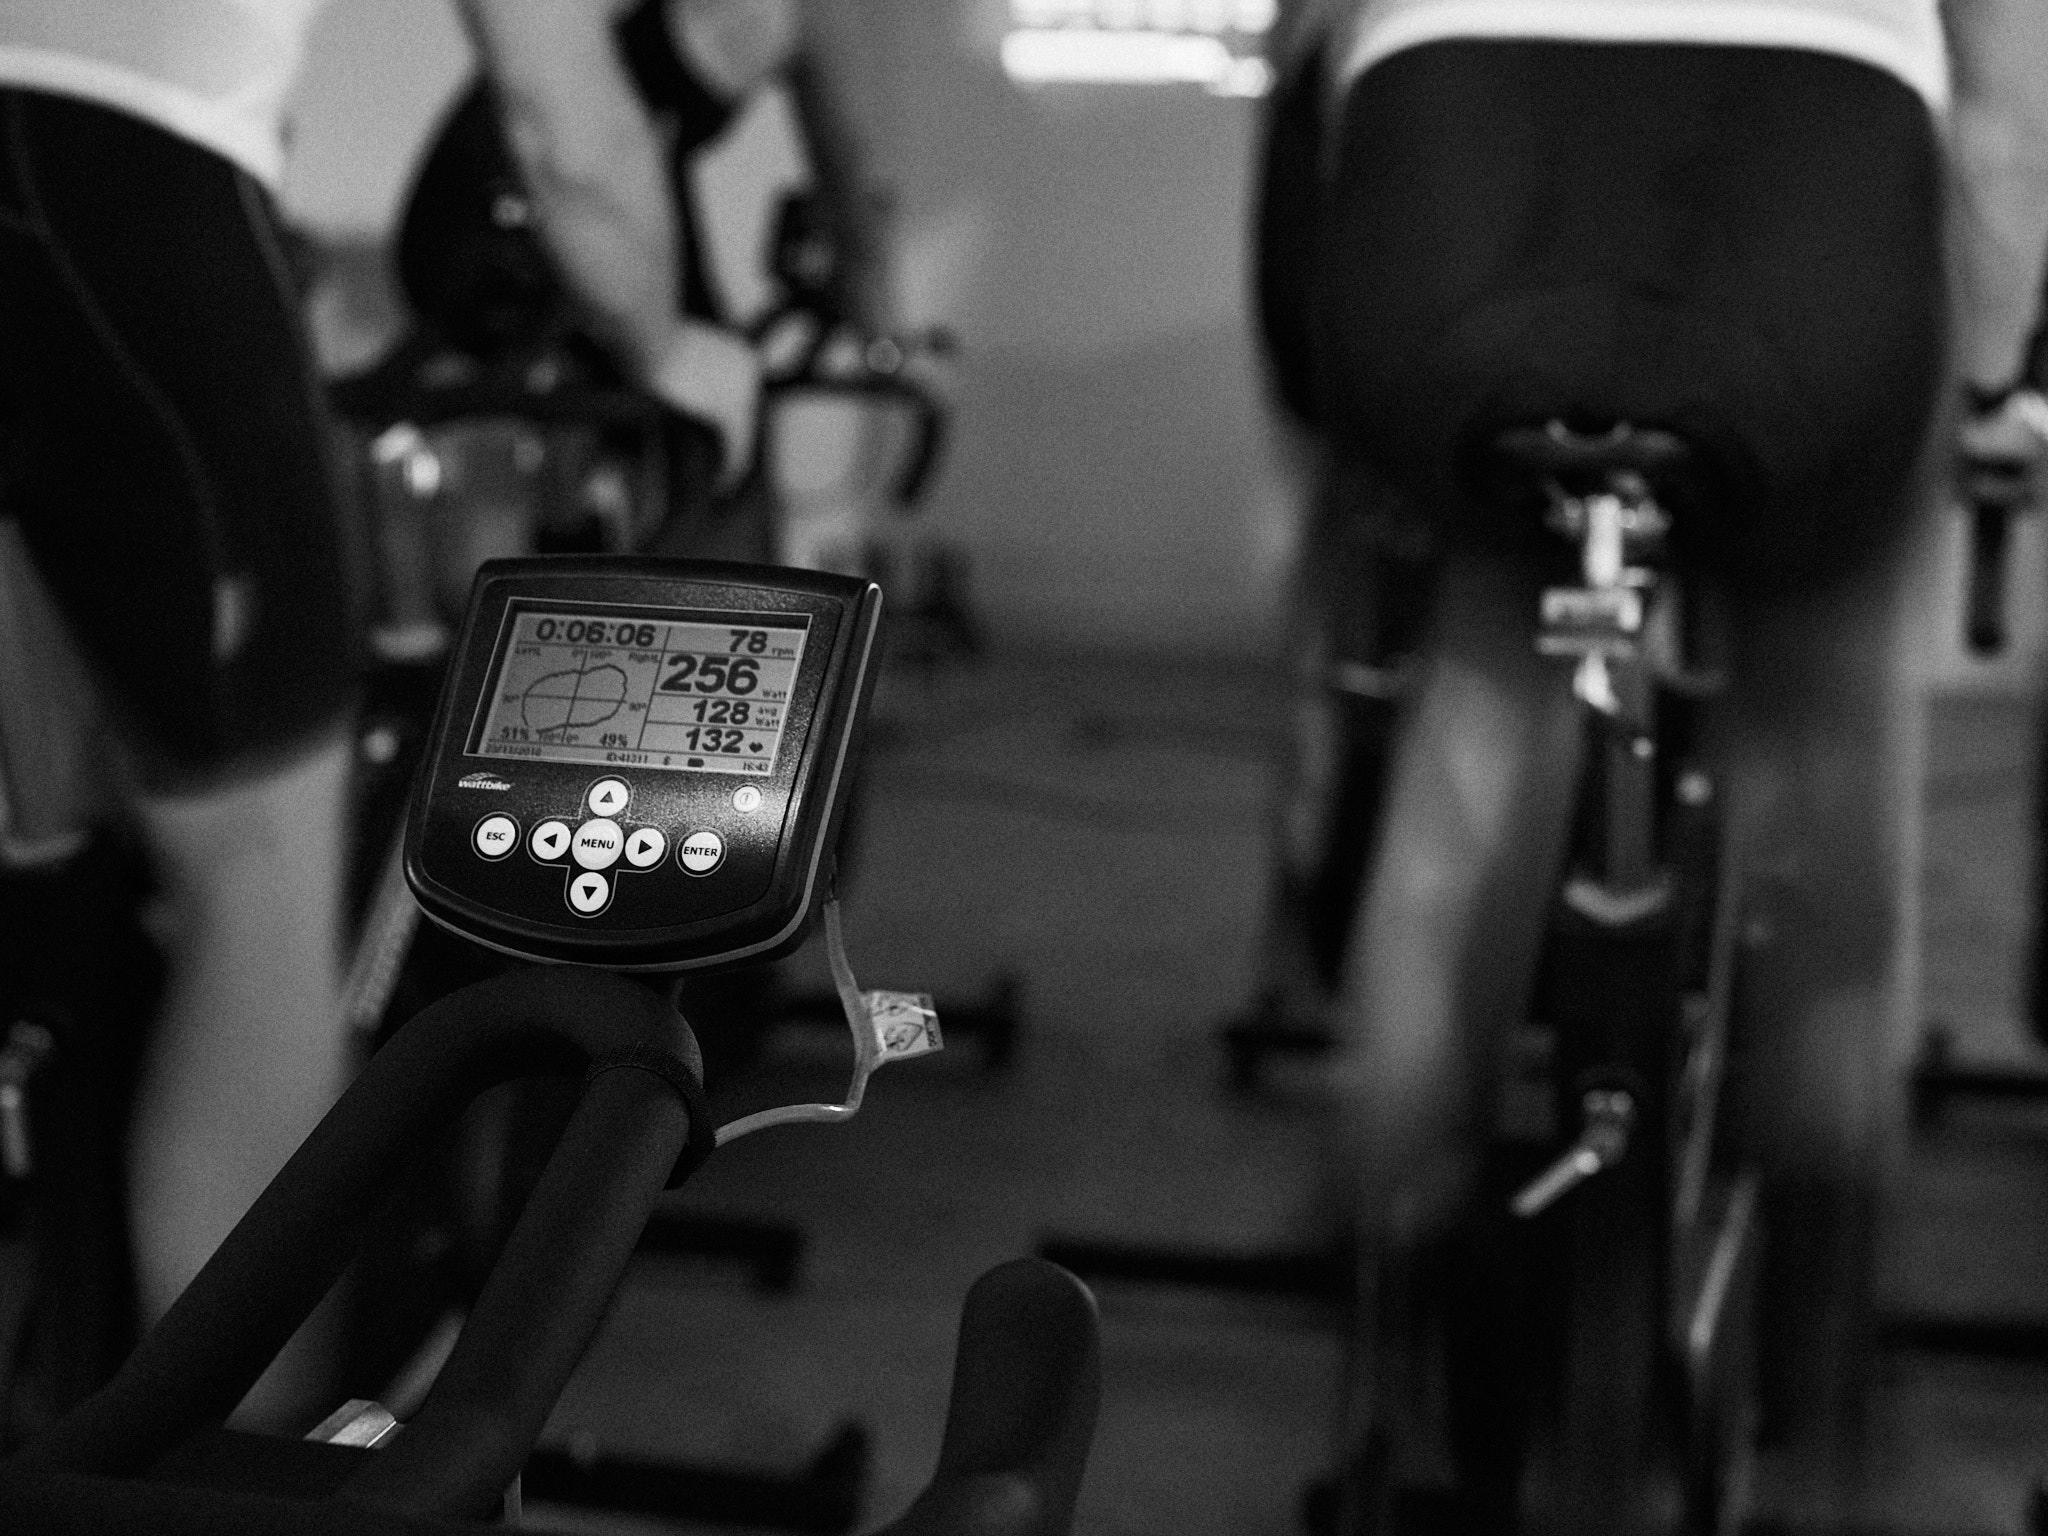 Din display på cykeln - WattBikes samlar in all din effekt- och kadensdata vilken sedan sammanställs och visas framför dig via vårt digitala system. Cyklarna ger dig också en pedalteknik-analys i realtid som visas på skärmen för varje cykel.